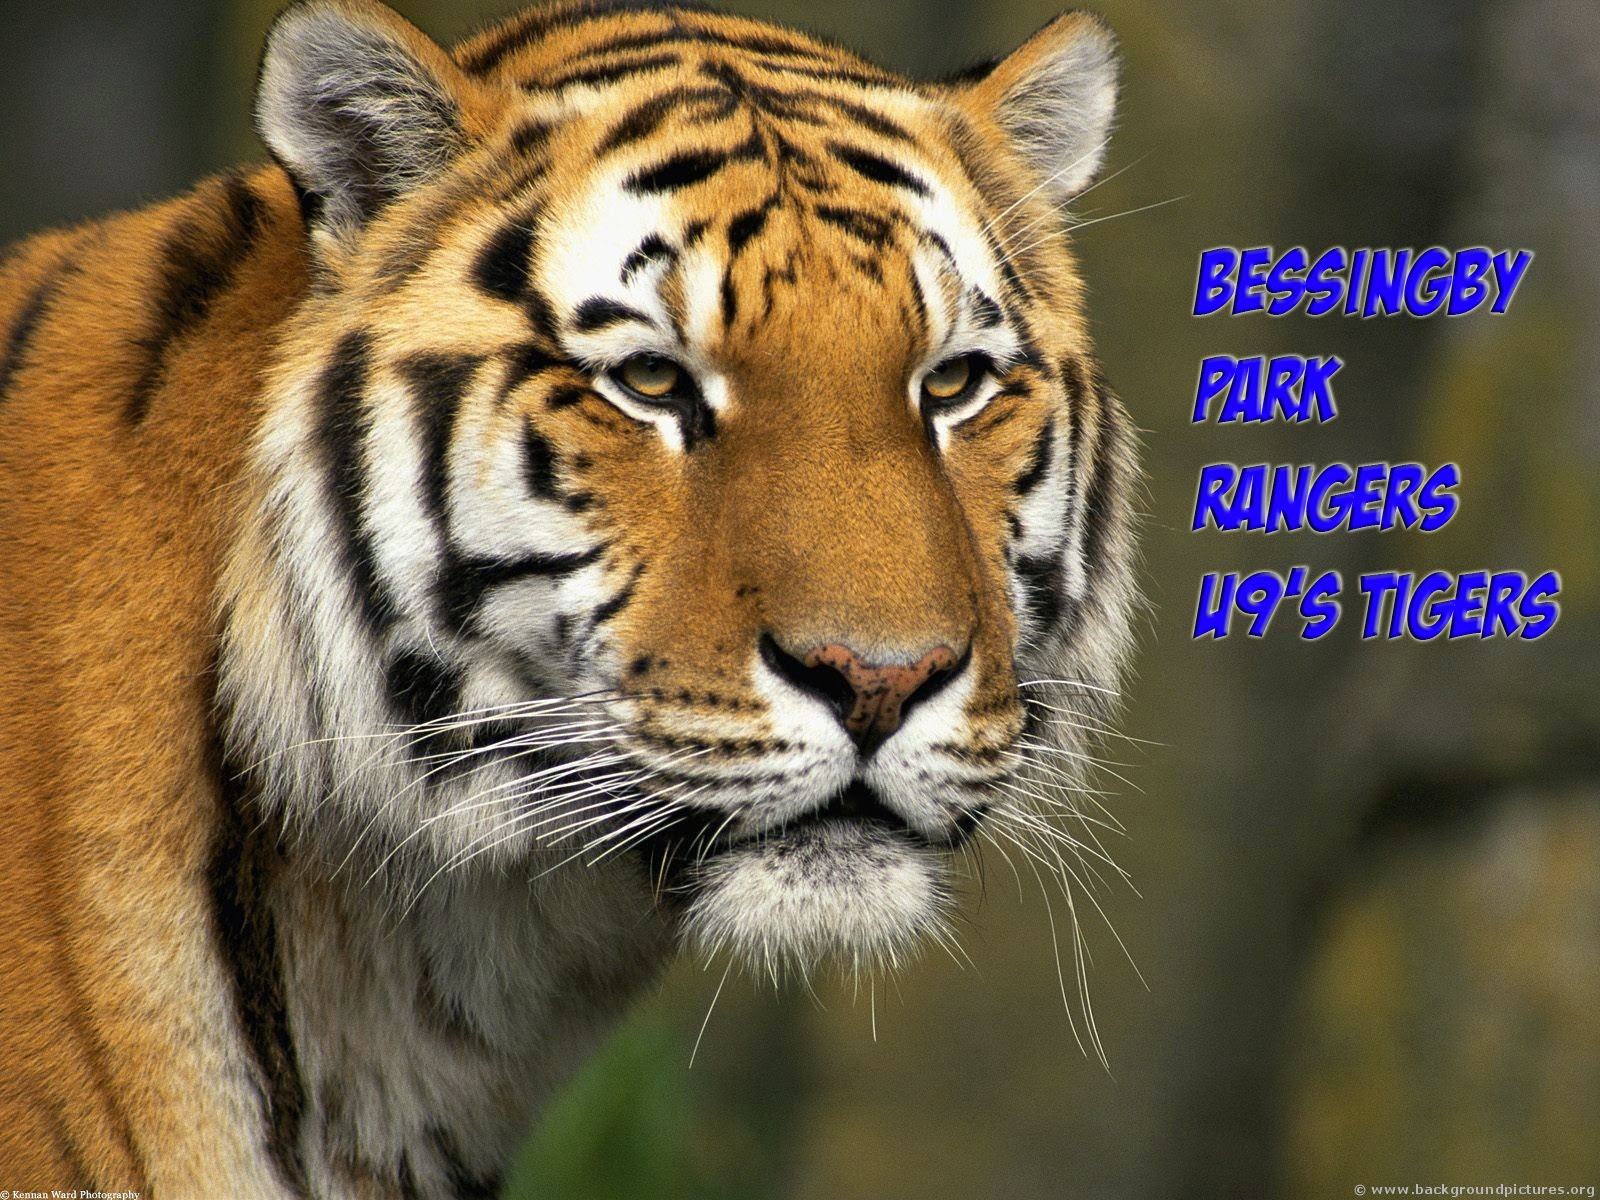 BPR U9 Tigers